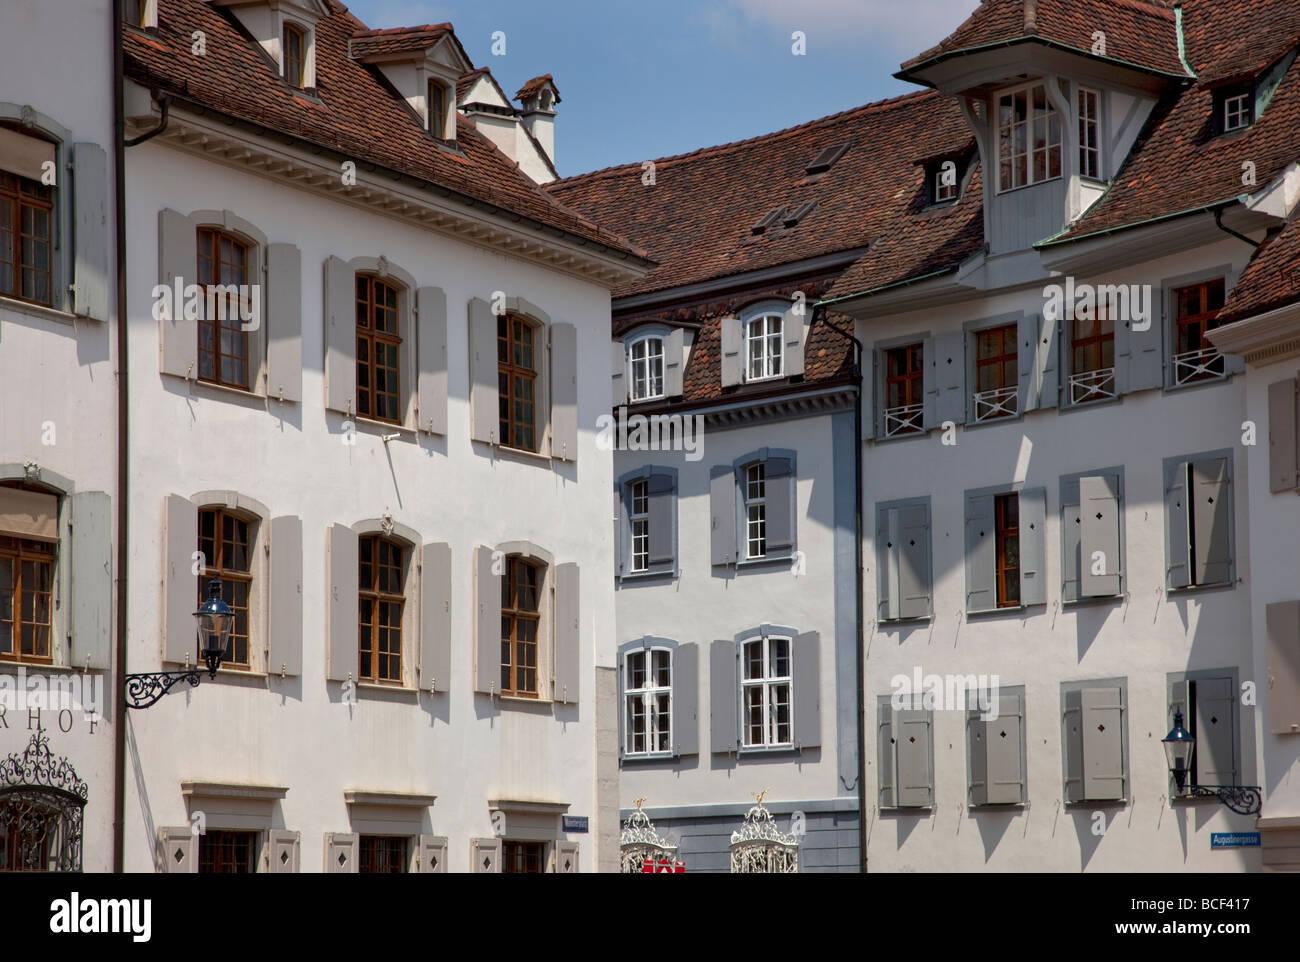 Architektur im alten historischen Teil der Stadt, Augustinerg, Basel, Schweiz, Europa. Stockbild